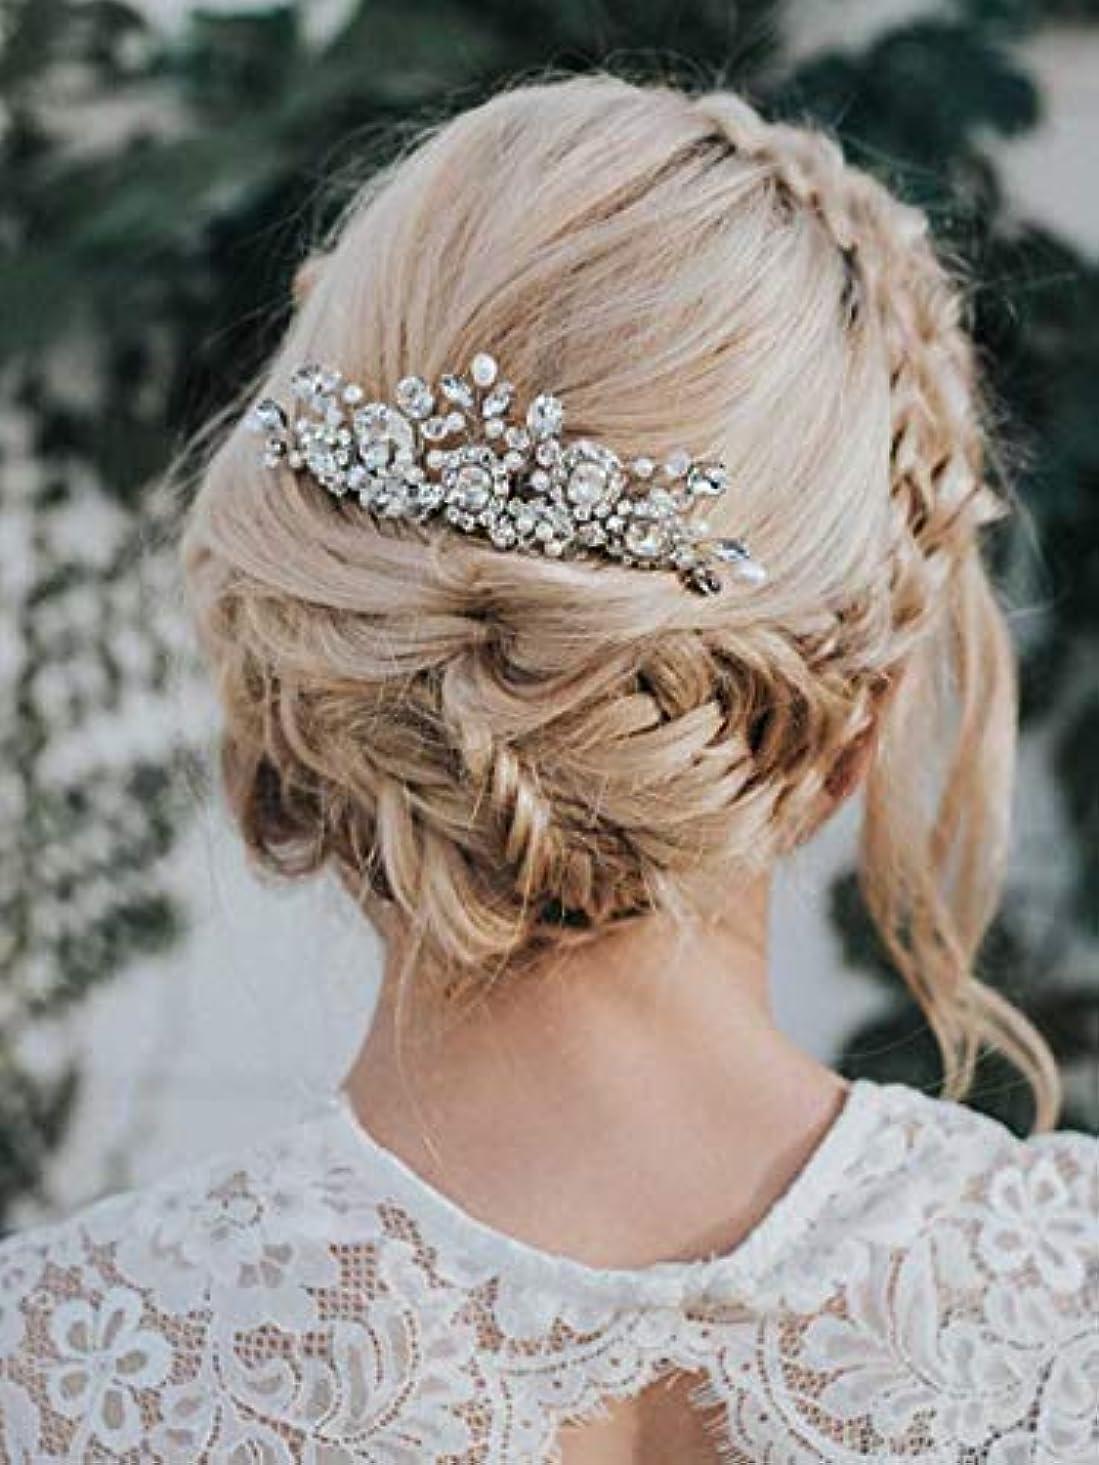 ネコ計り知れない必要条件Aukmla Bride Wedding Hair Combs Crystal Rhinestones Stunning Bridal Hair Accessories Decorative for Women and...